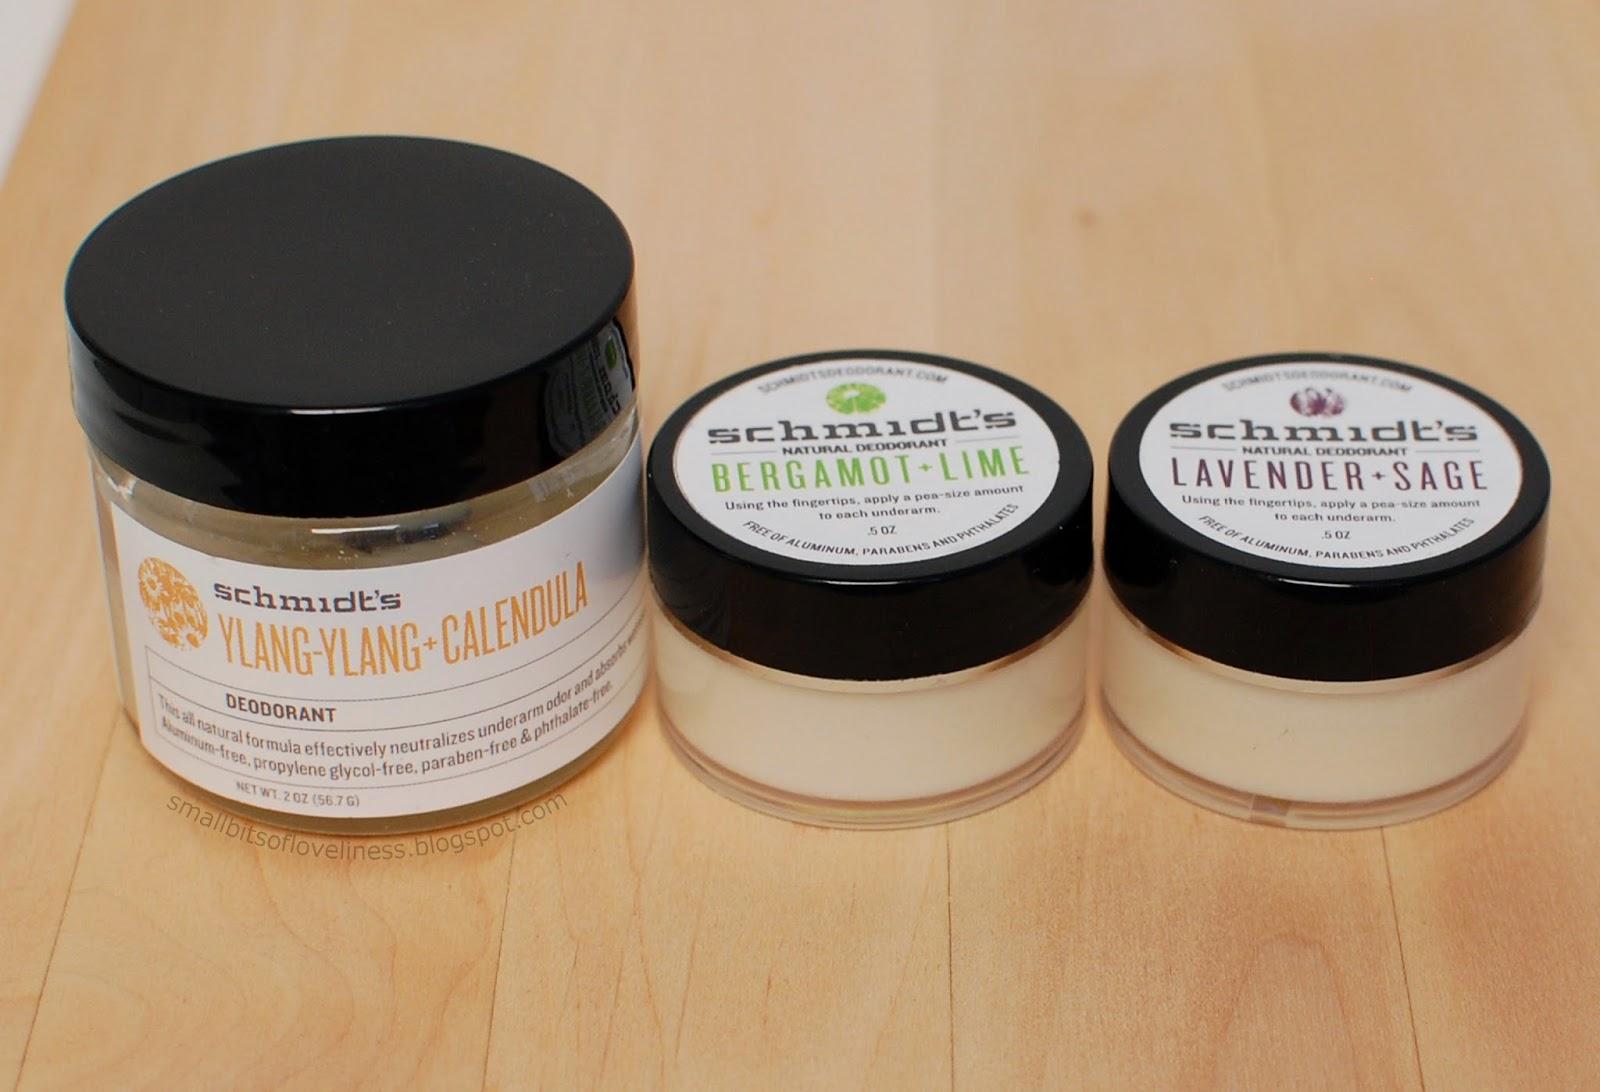 Schmidt's Deodorant Ylang-ylang + Calendula, Lavender + Sage, Bergamot + Lime